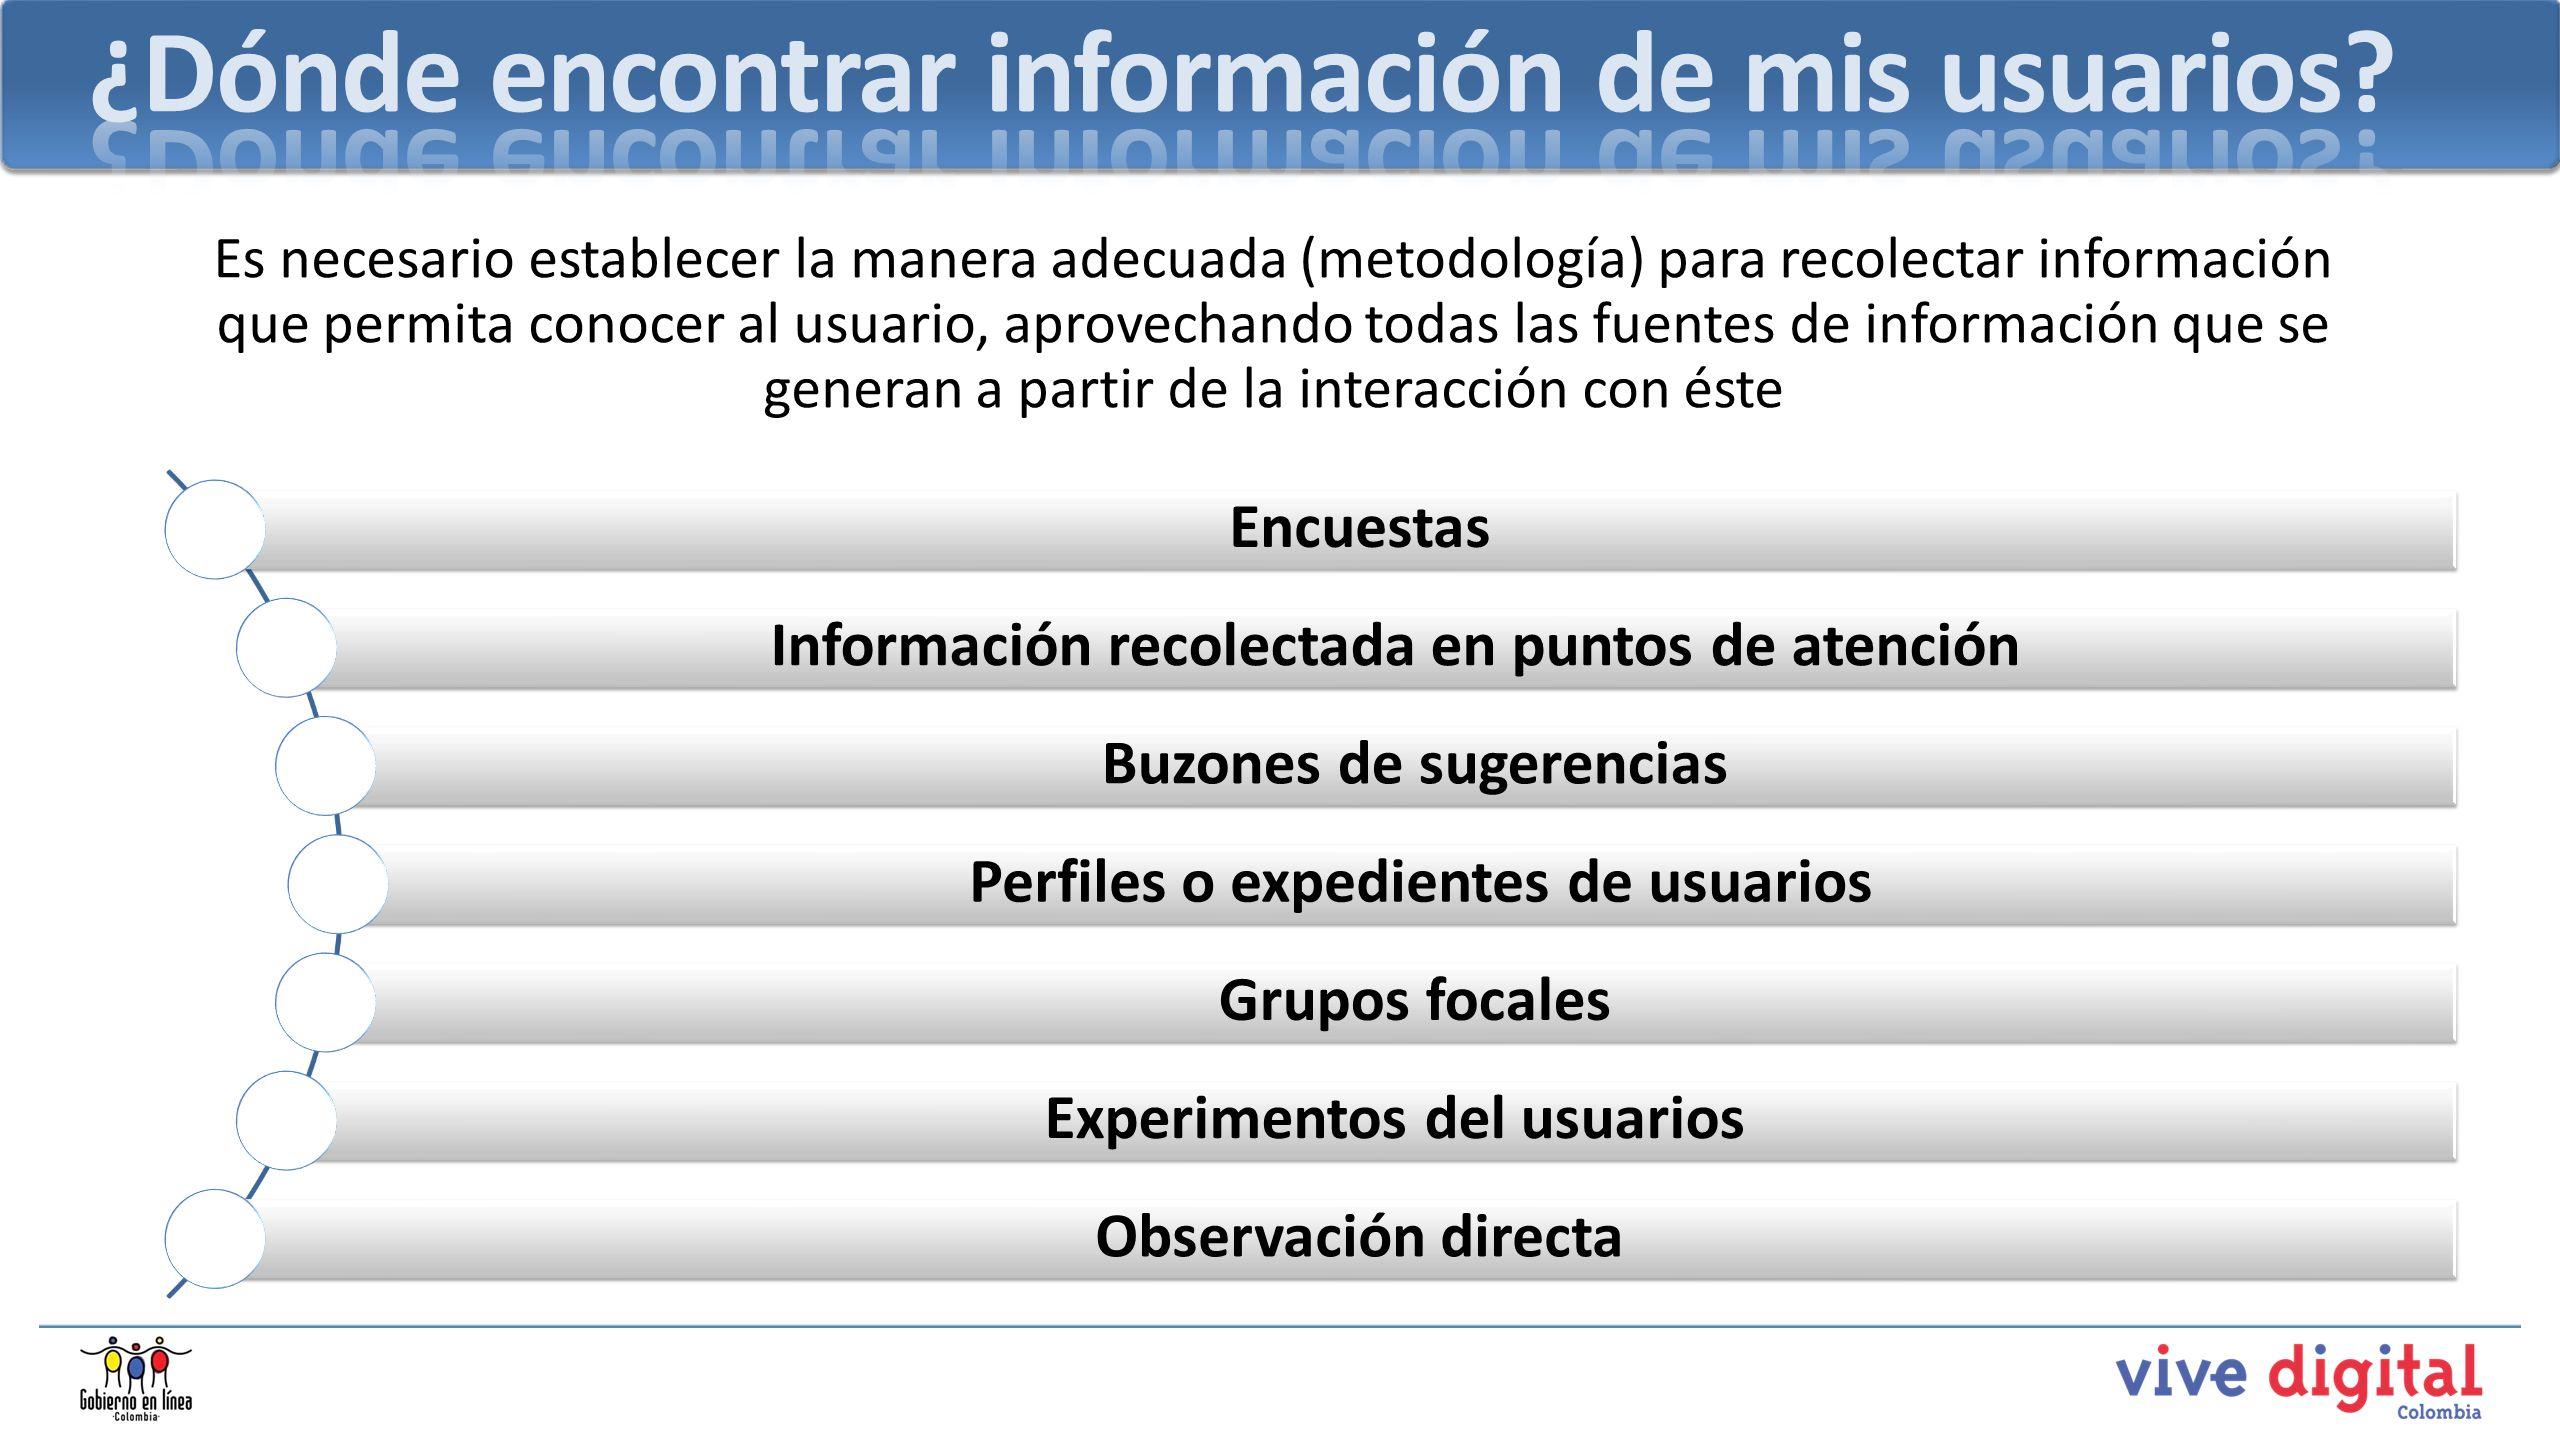 Encuestas Información recolectada en puntos de atención Buzones de sugerencias Perfiles o expedientes de usuarios Grupos focales Experimentos del usua